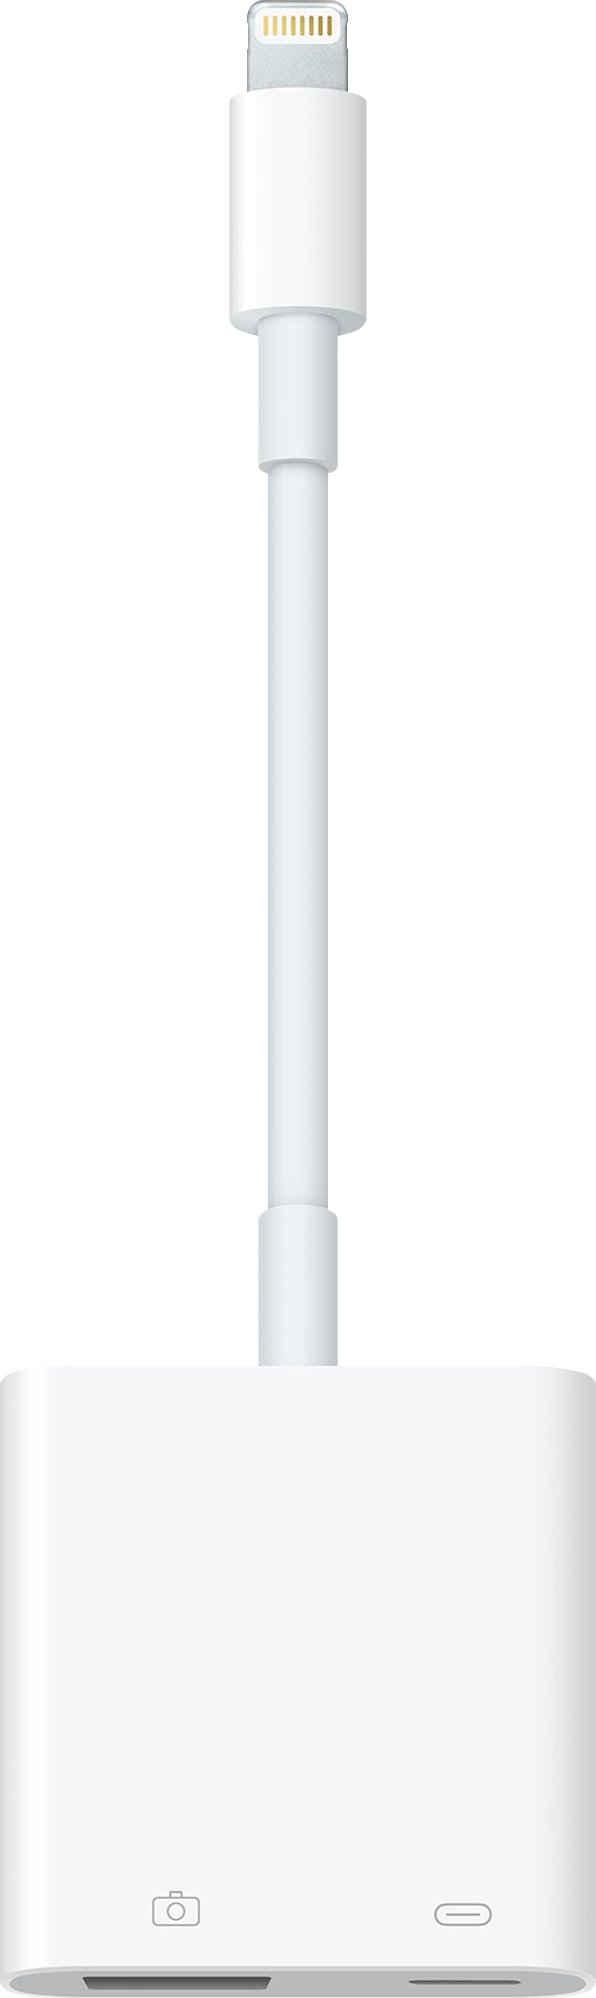 Apple »Lightning to USB3 Camera Adapter« Notebook-Adapter Lightning zu USB-C, USB Typ A